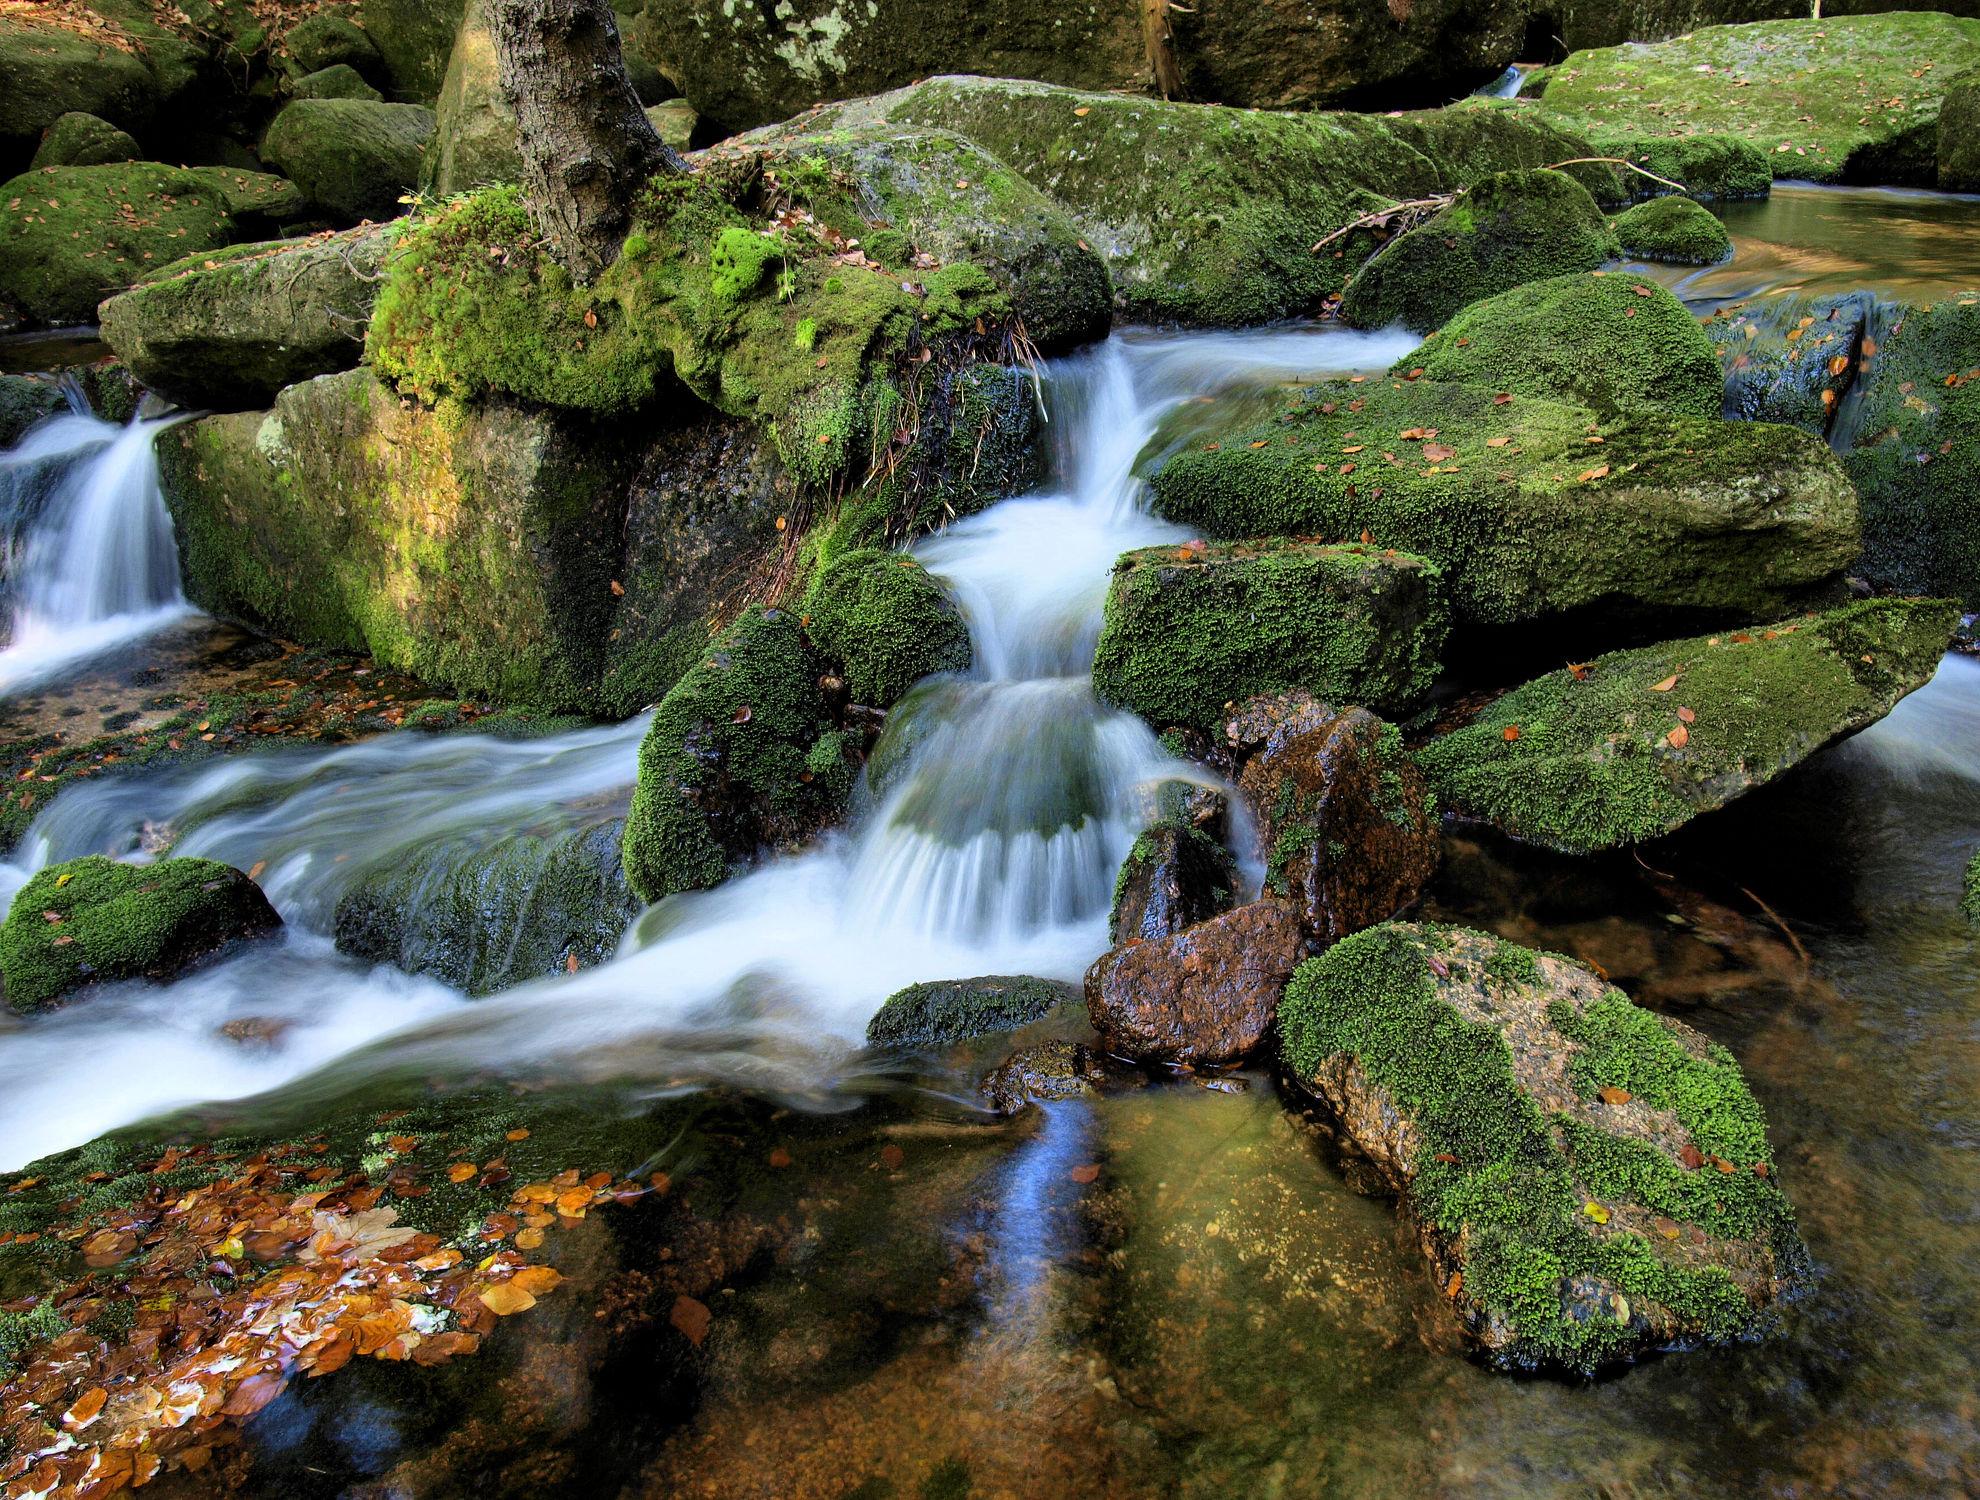 Bild mit Gewässer, Flüsse, Wasserfälle, Bach, Wasserfall, Elfen, Wasserläufe, Fluss, Feenland, Elfenland, feen